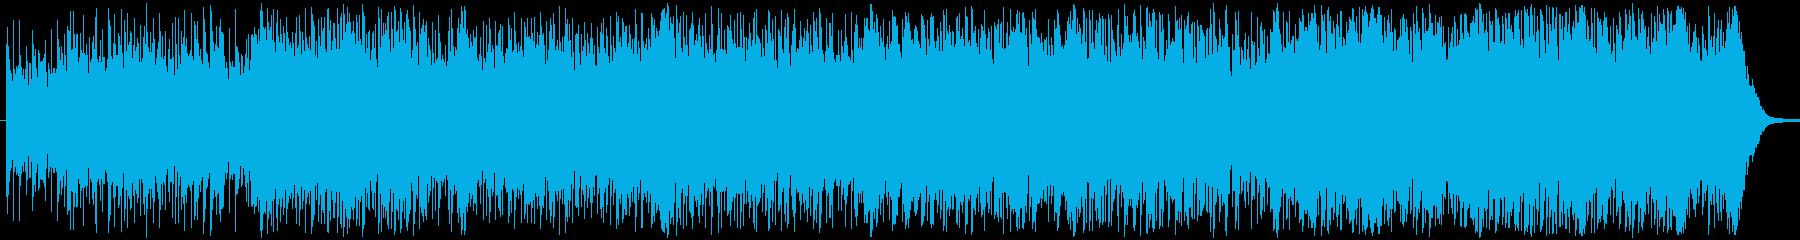 ストリングス、ホーン、ピアノ、前方...の再生済みの波形